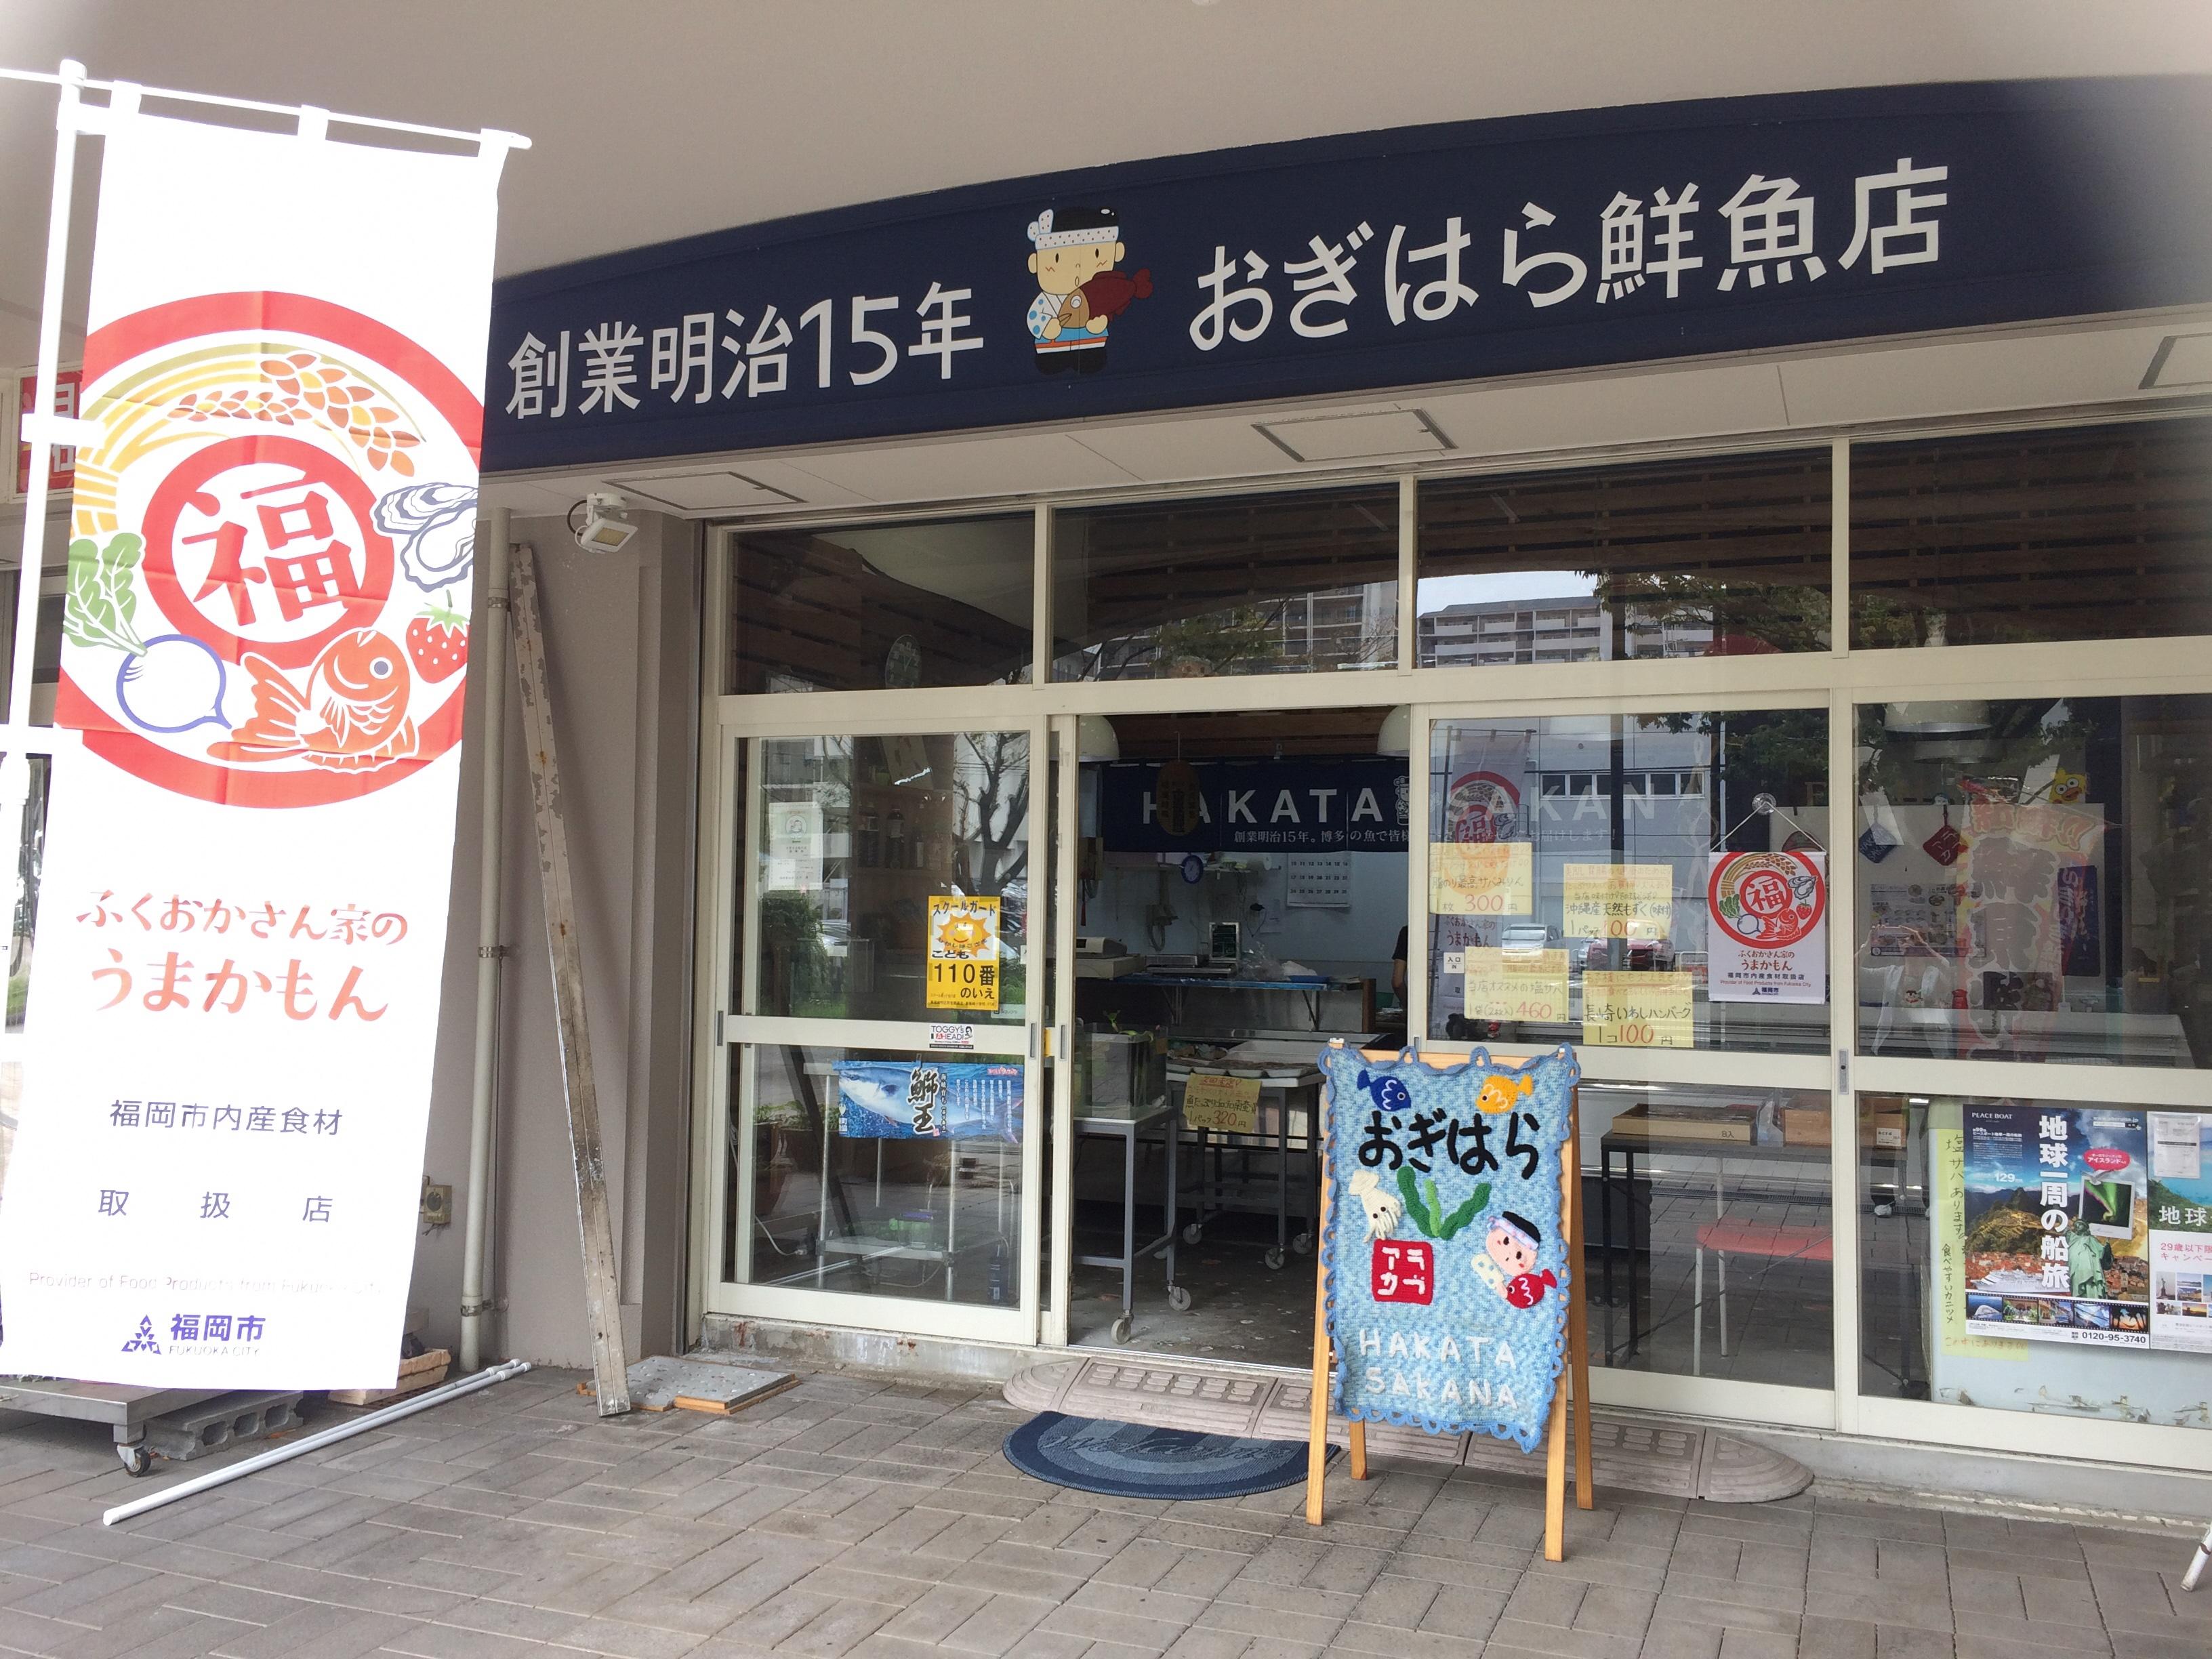 ちゃん 魚屋 大 【日本は公平】魚屋が「タイラ」と呼び、政治家が「生ちゃん」と呼ぶ。